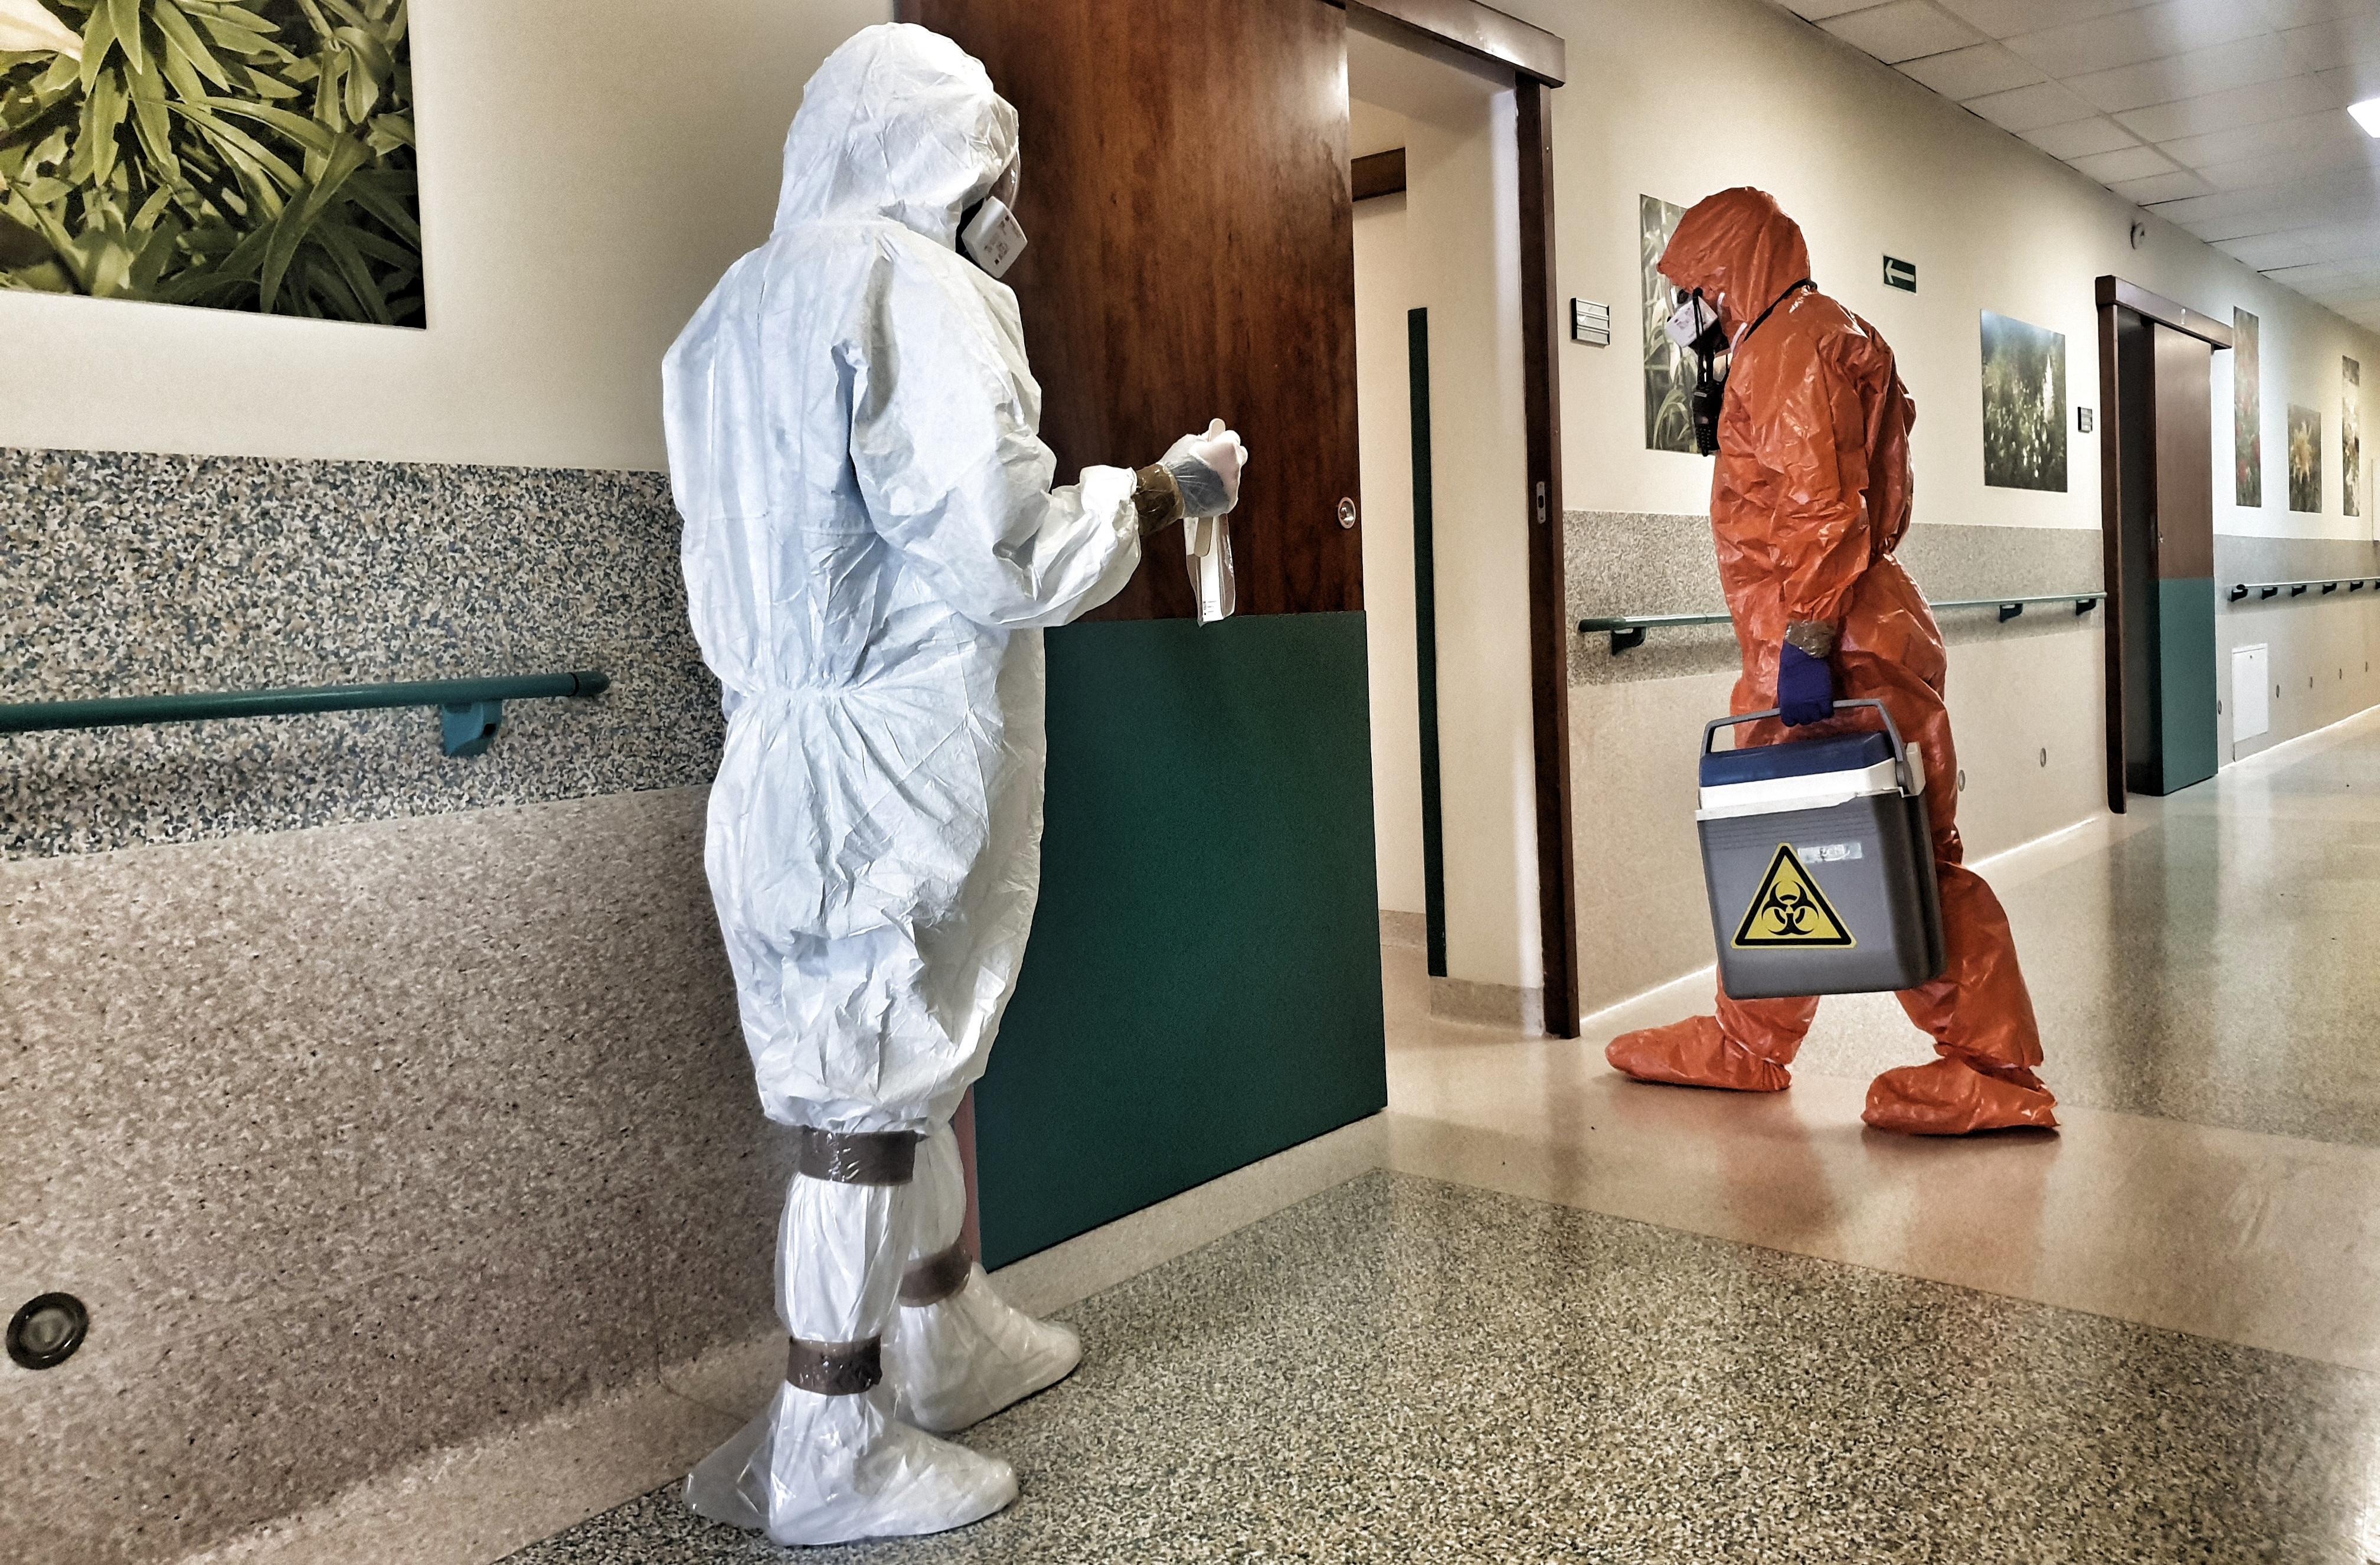 Prawie 200 testów na koronawirusa wykonano w placówce w Czernichowie